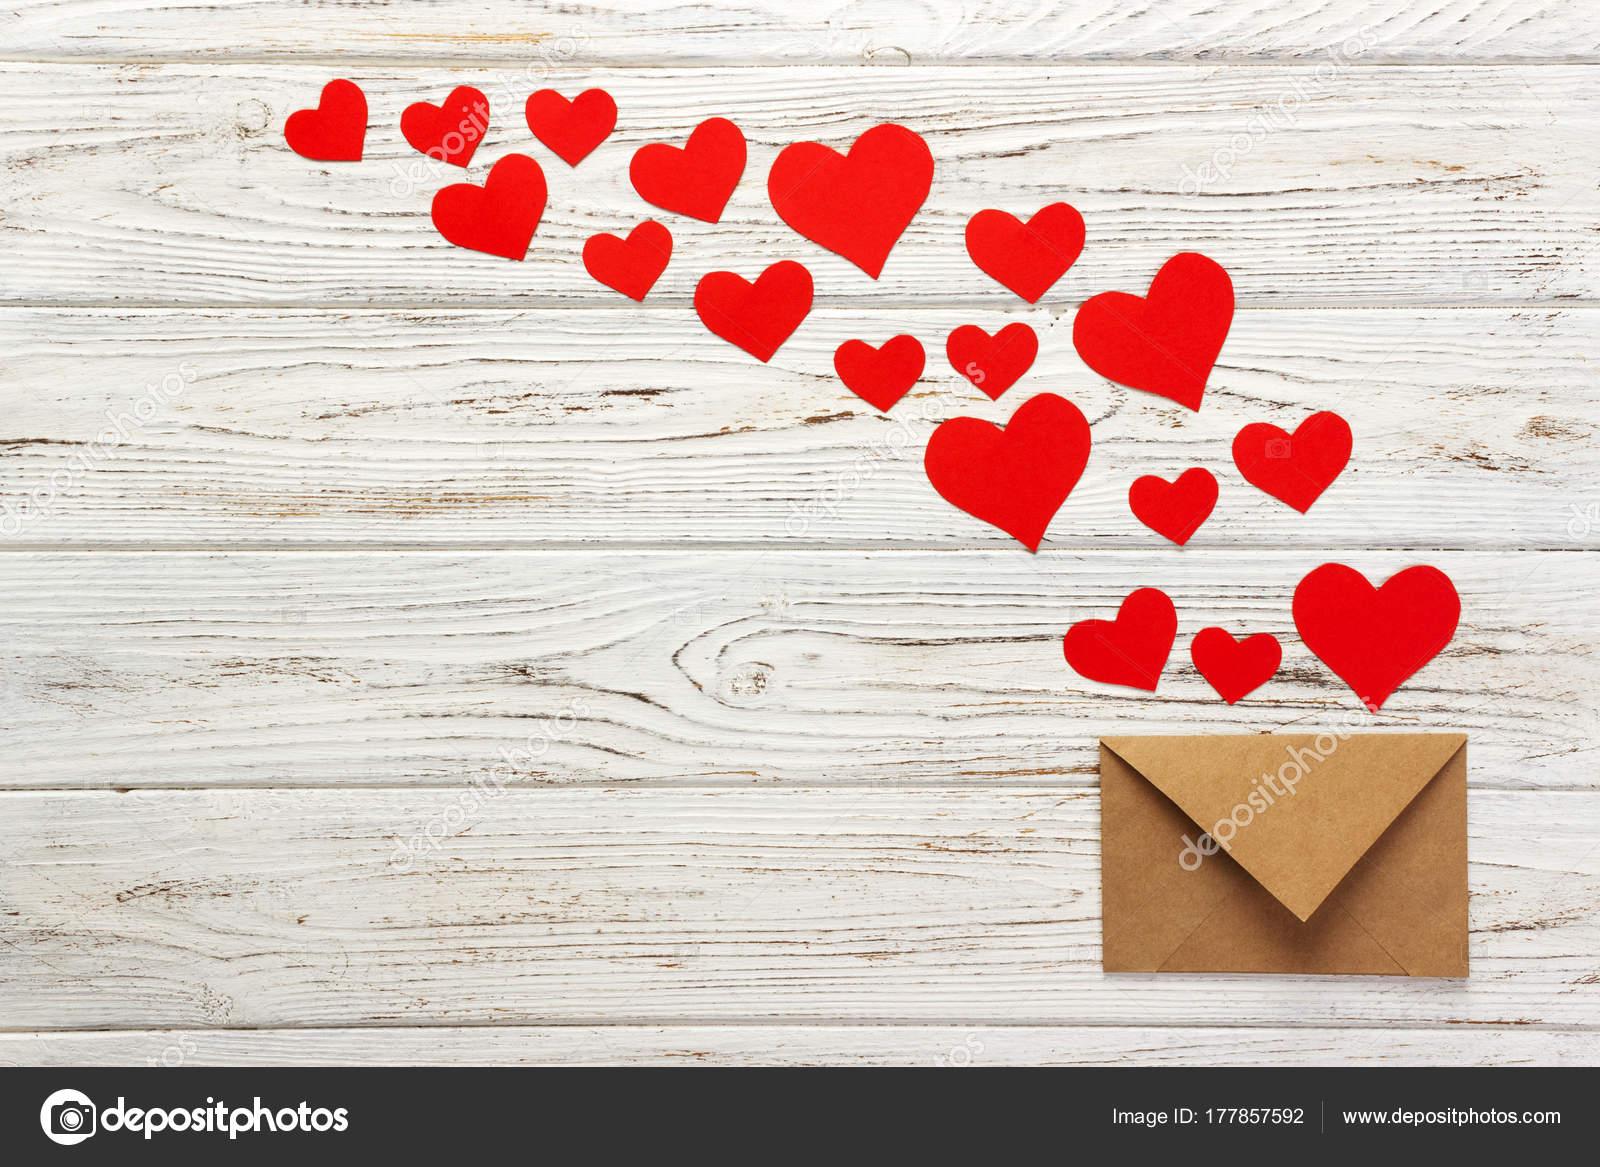 Fondo Fondos Para Cartas De Amor Carta Para San Valentín Sobres